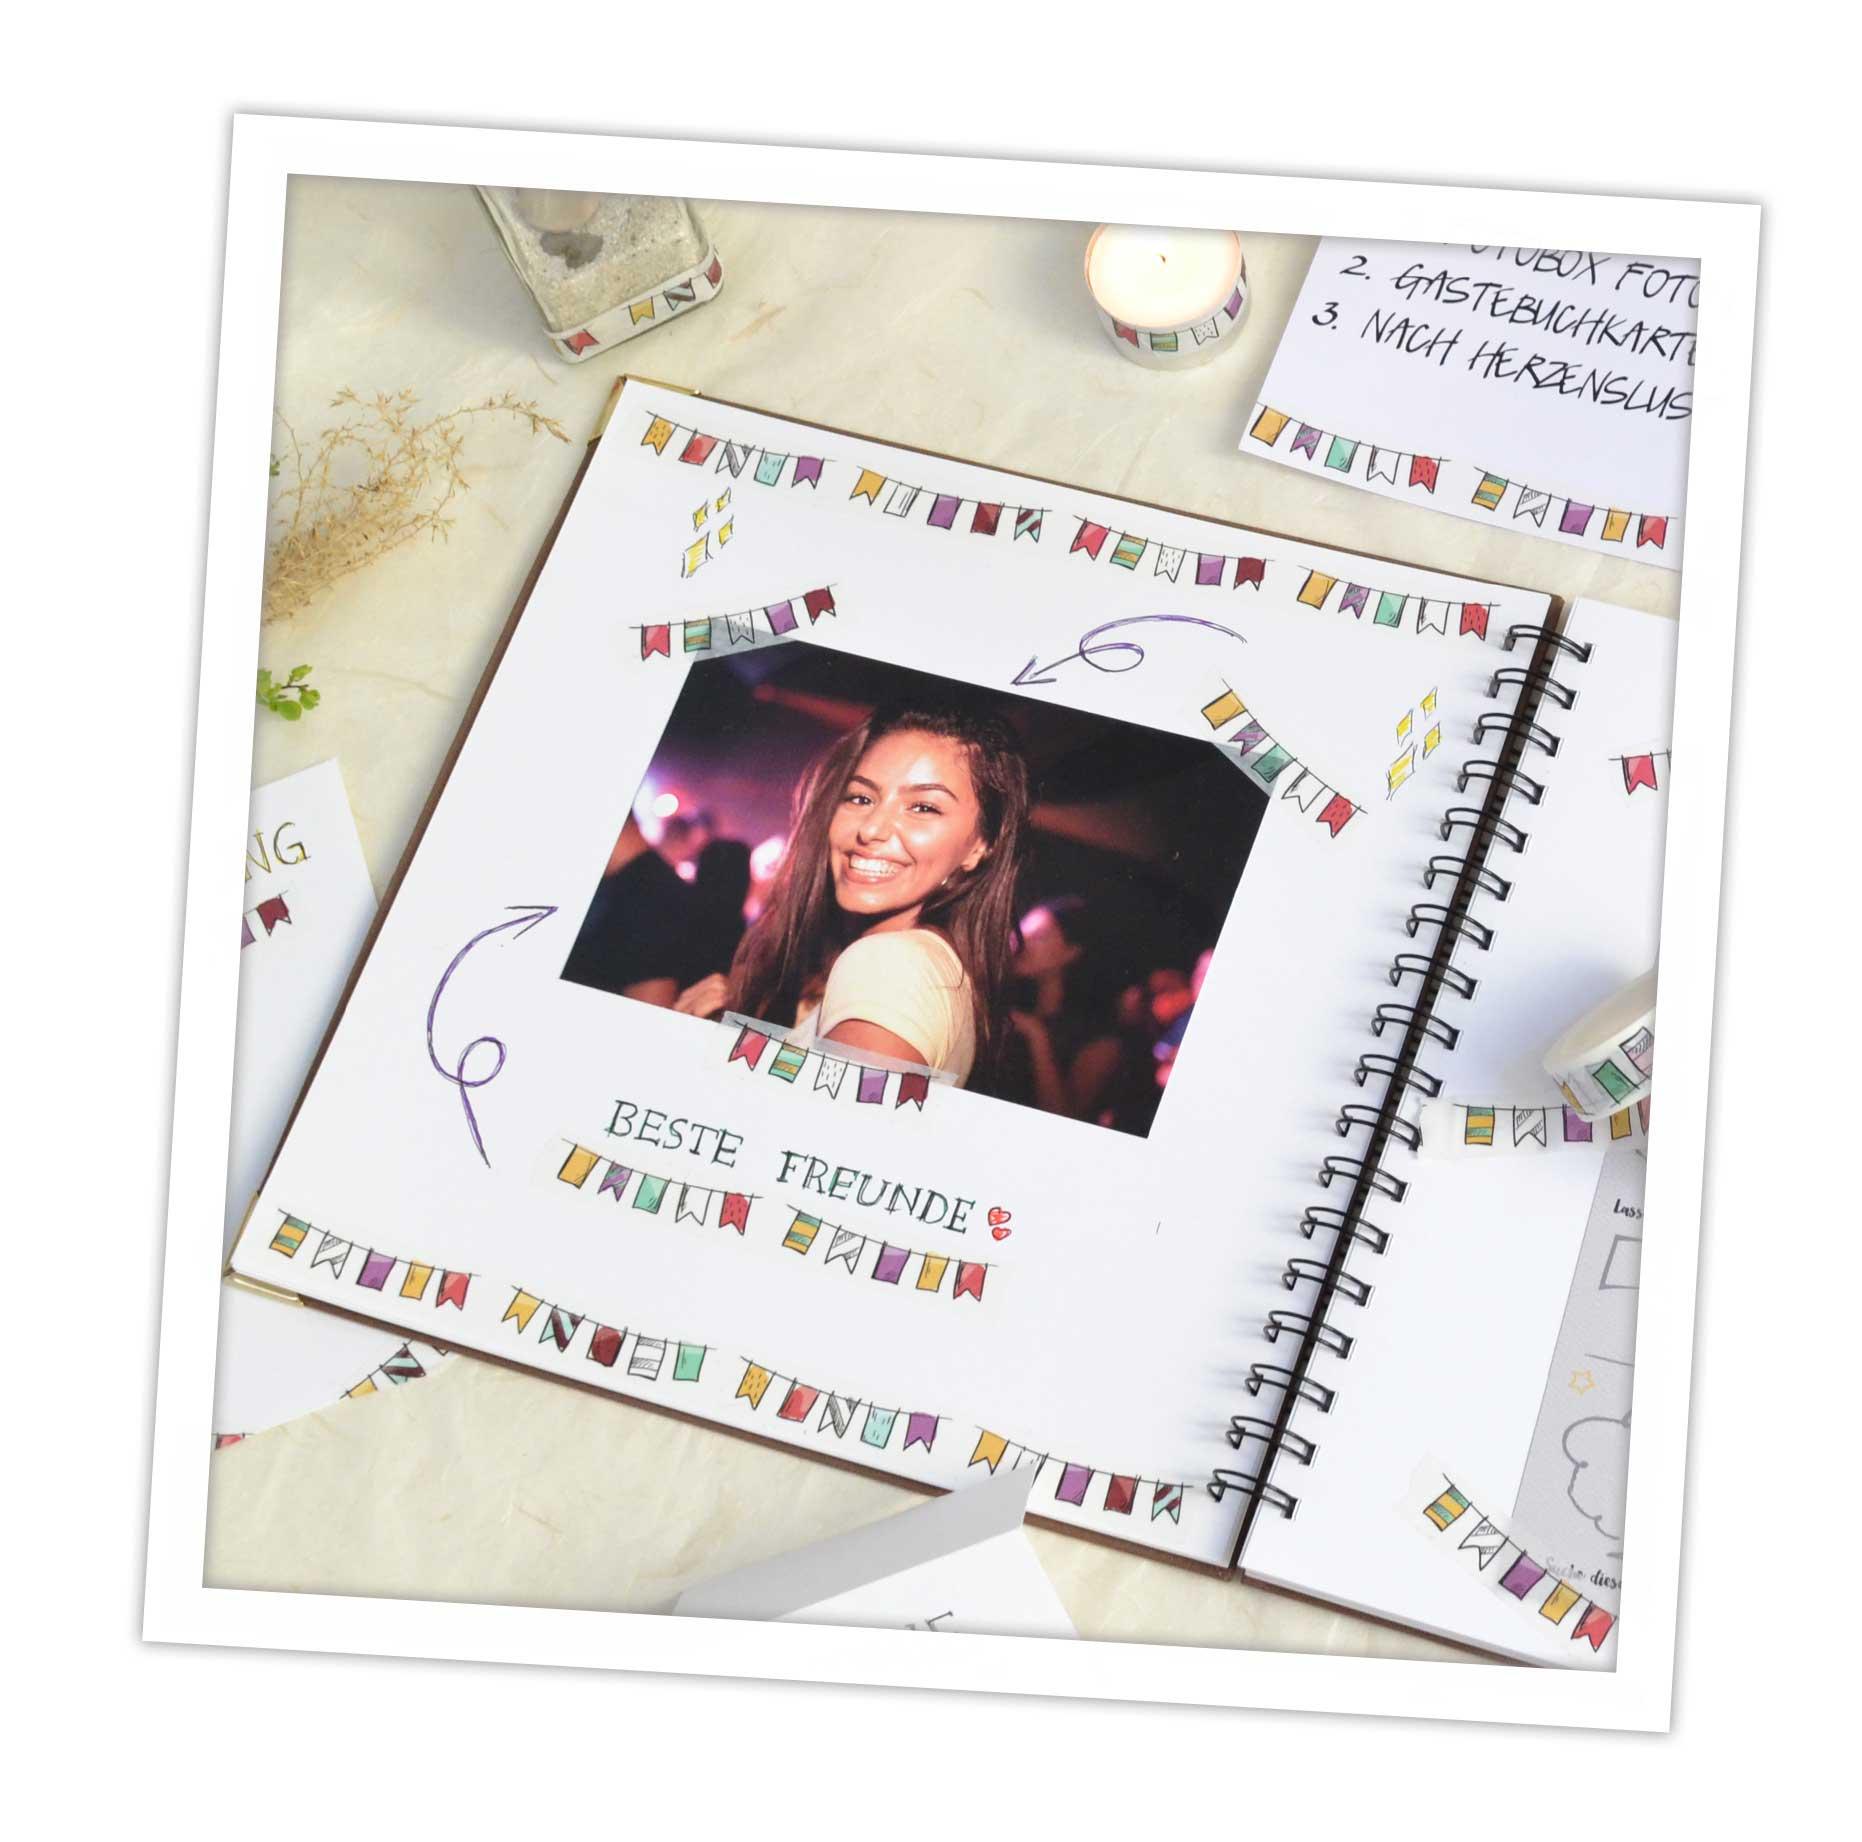 Gästebuch Gestaltung zum Geburtstag mit Washi Tapes, tolle DIY Idee